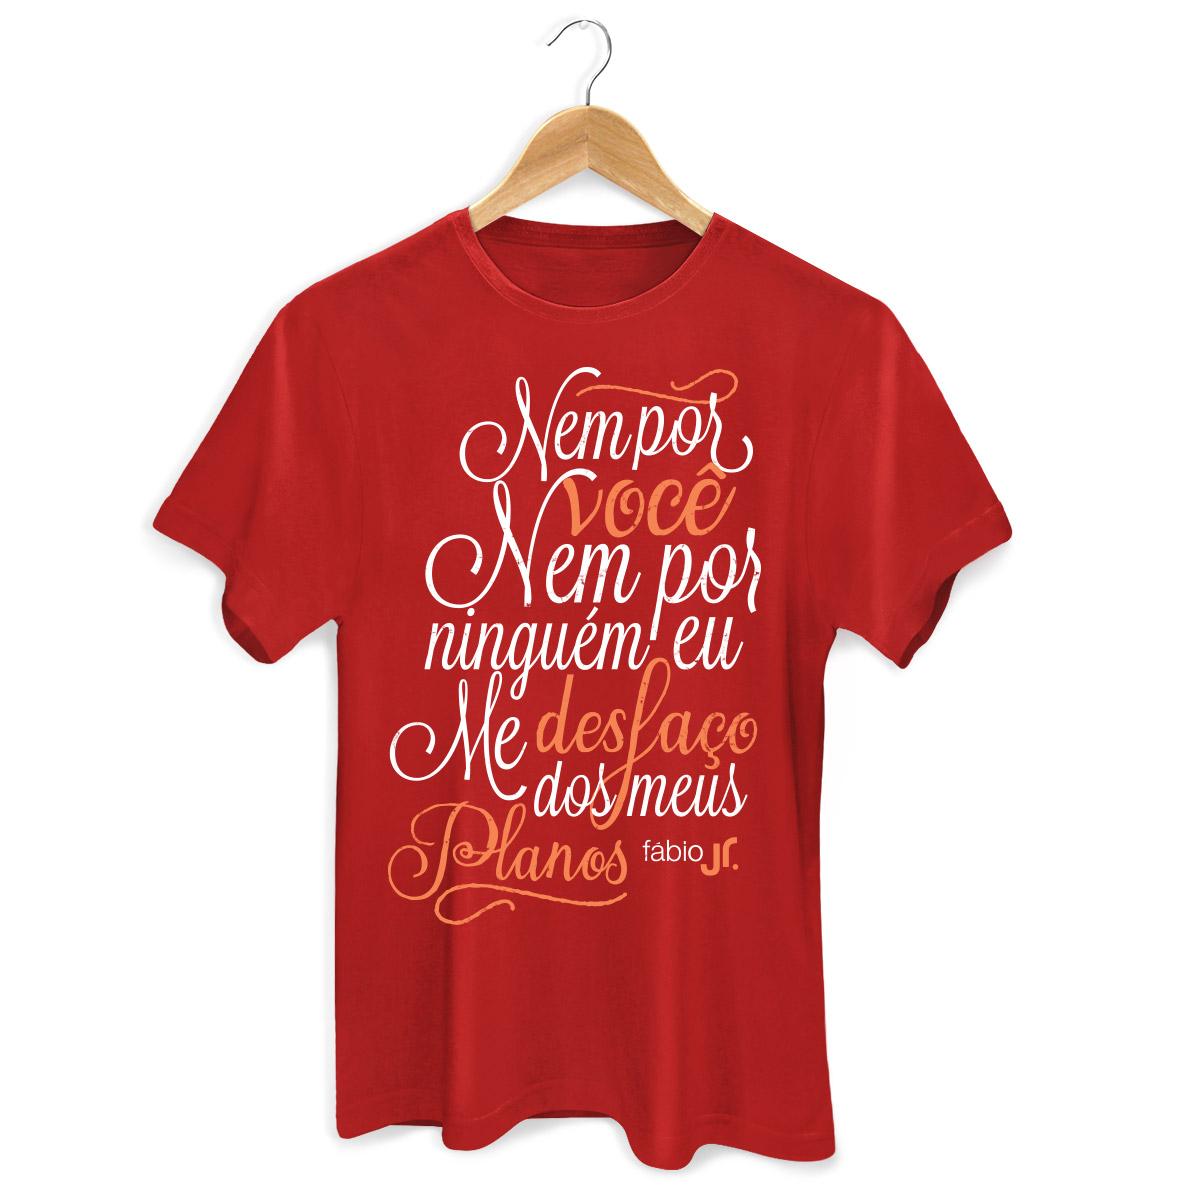 Camiseta Masculina Fábio Jr Nem por Você, Nem por Ninguém